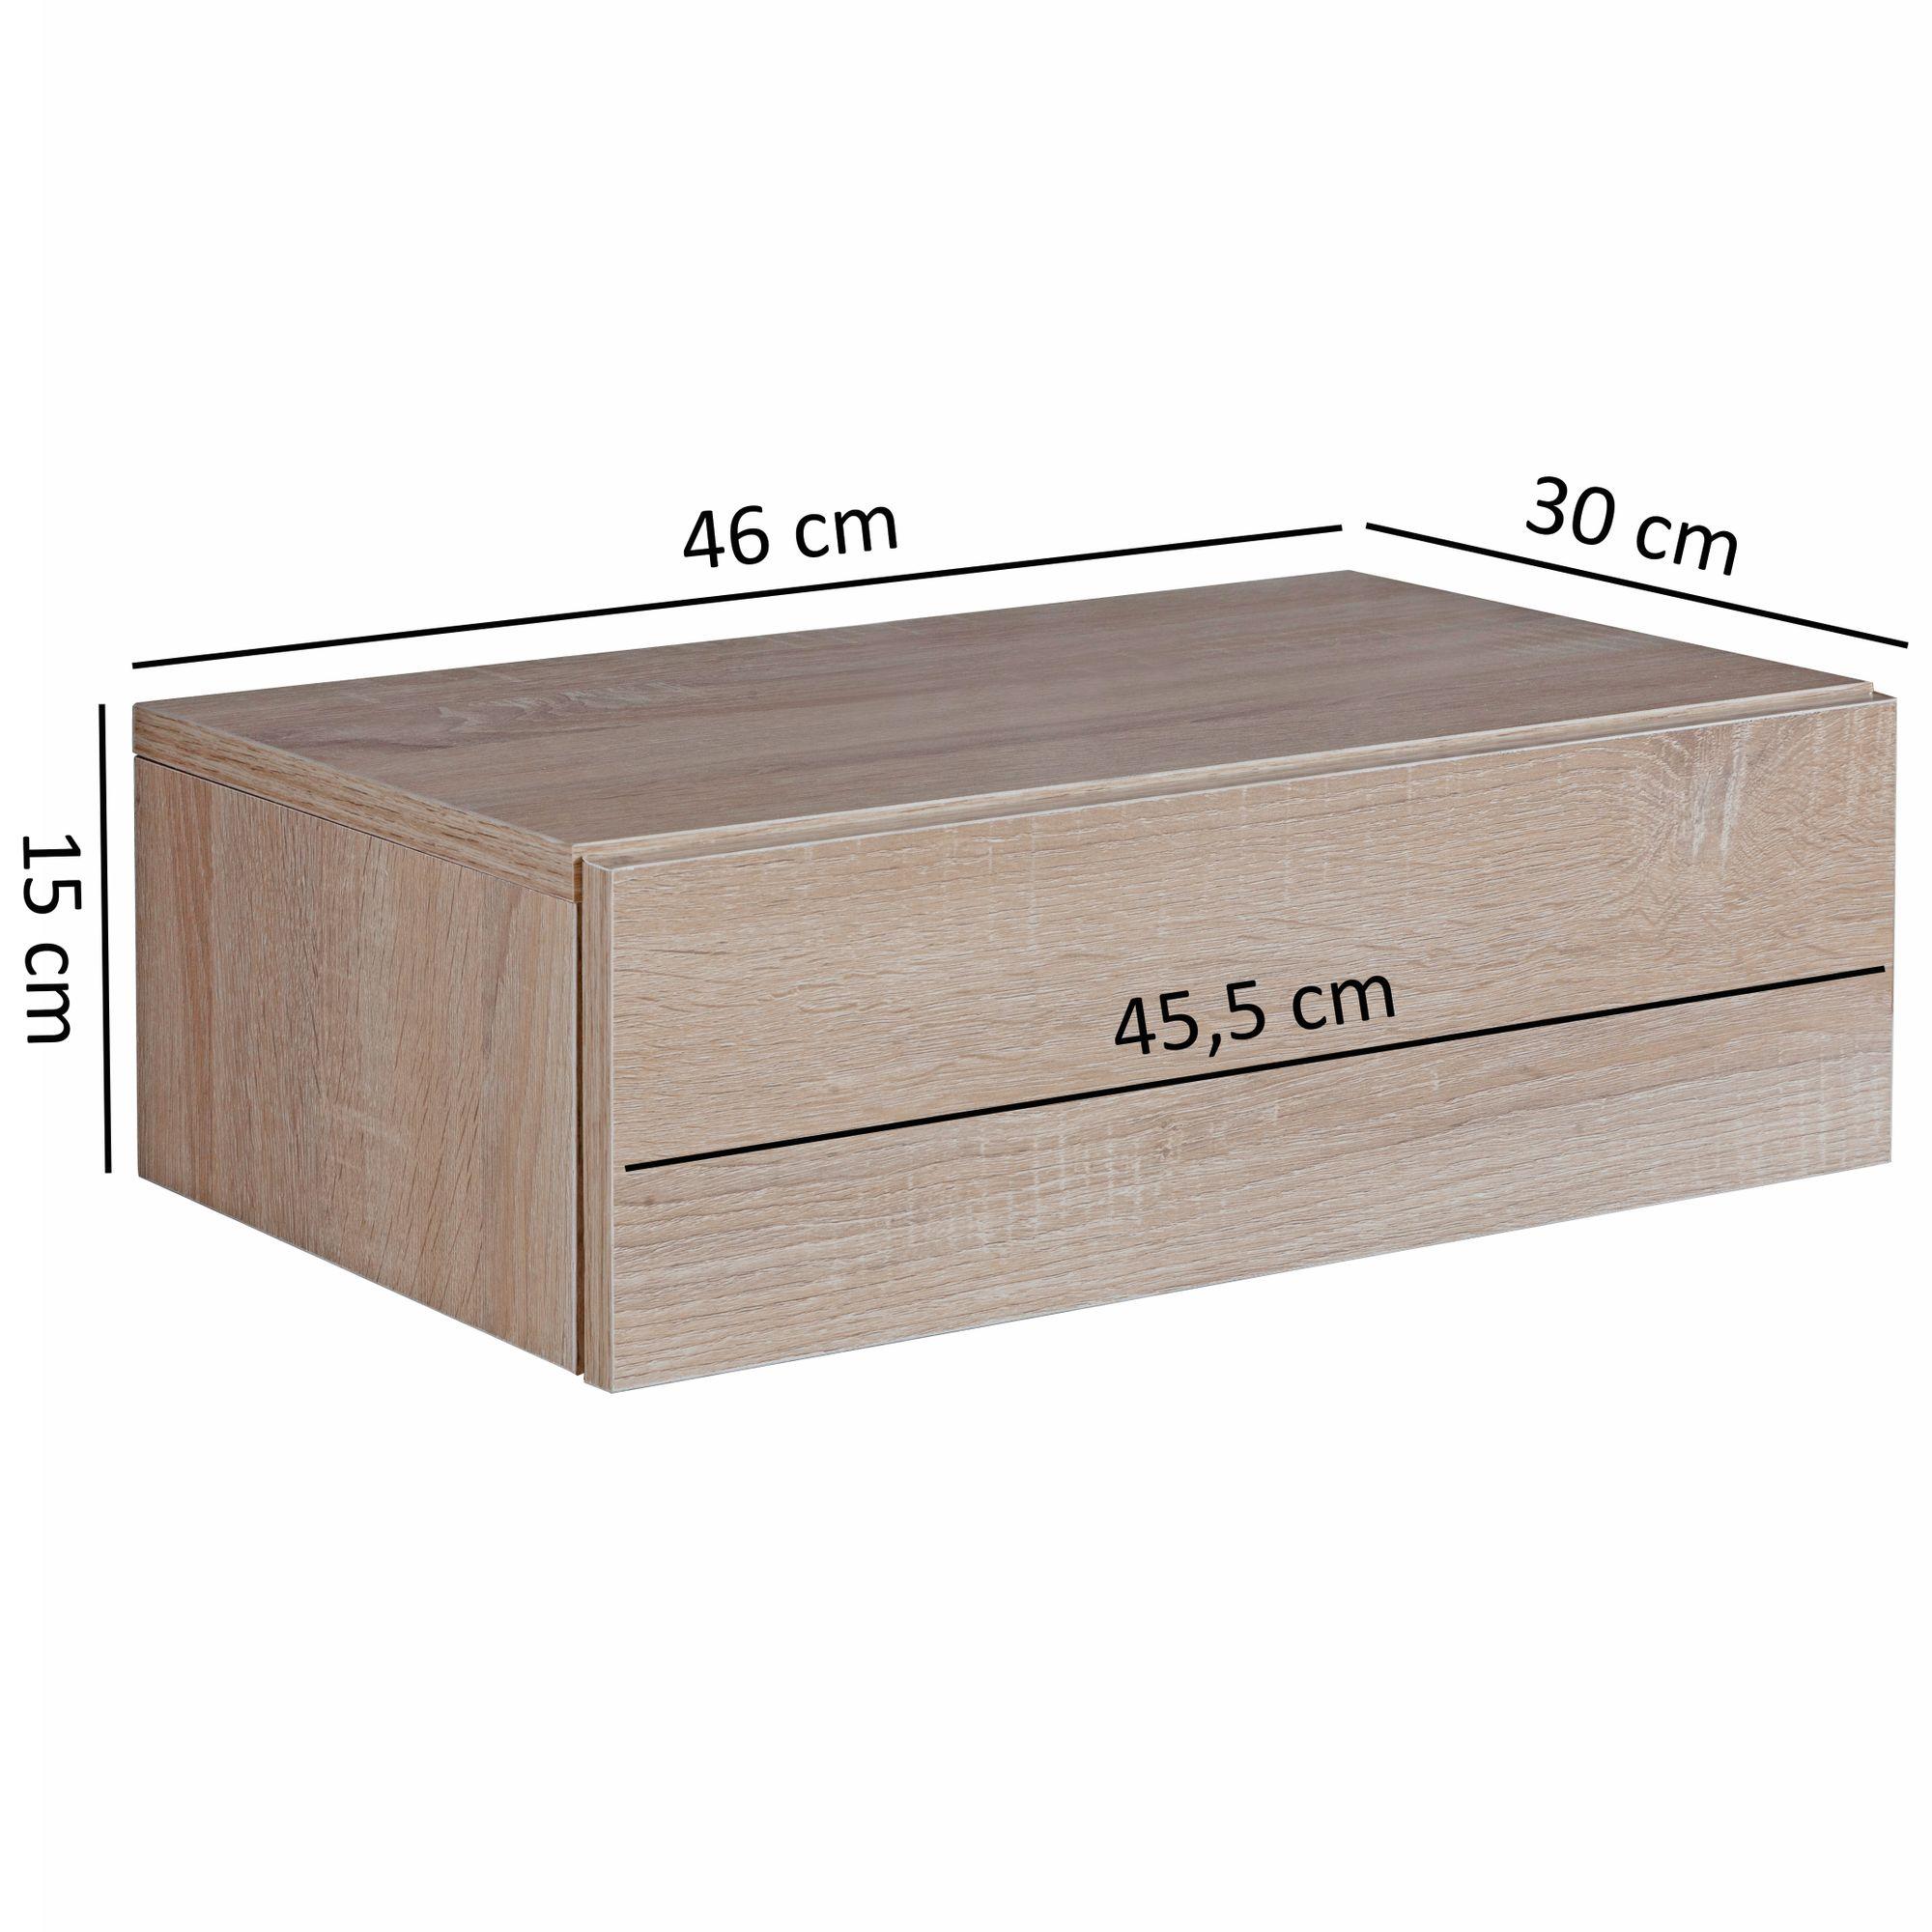 WOHNLING Nachtkonsole DREAM Wand Nachttisch Schwarz Wandboard Holz Boxspringbett